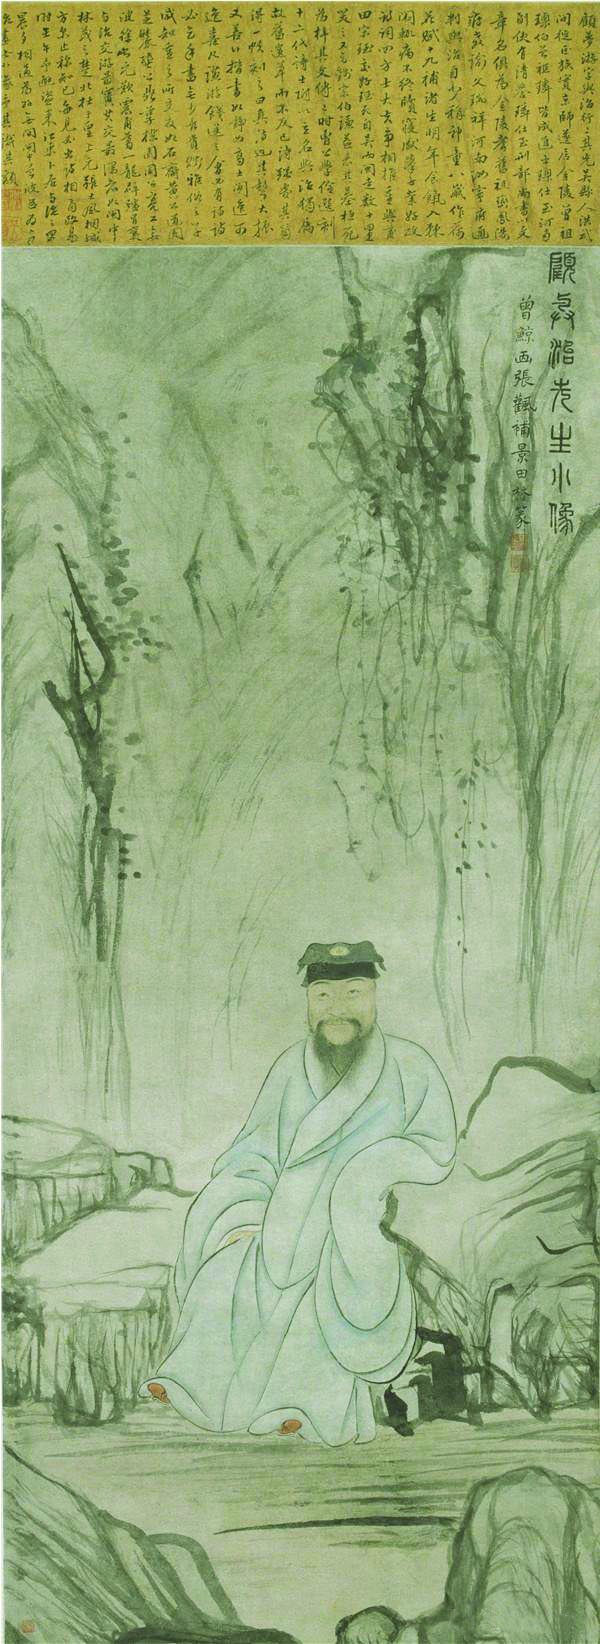 《顾梦游像》 明 曾鲸 纸本设色 105cm×45cm 南京博物院藏